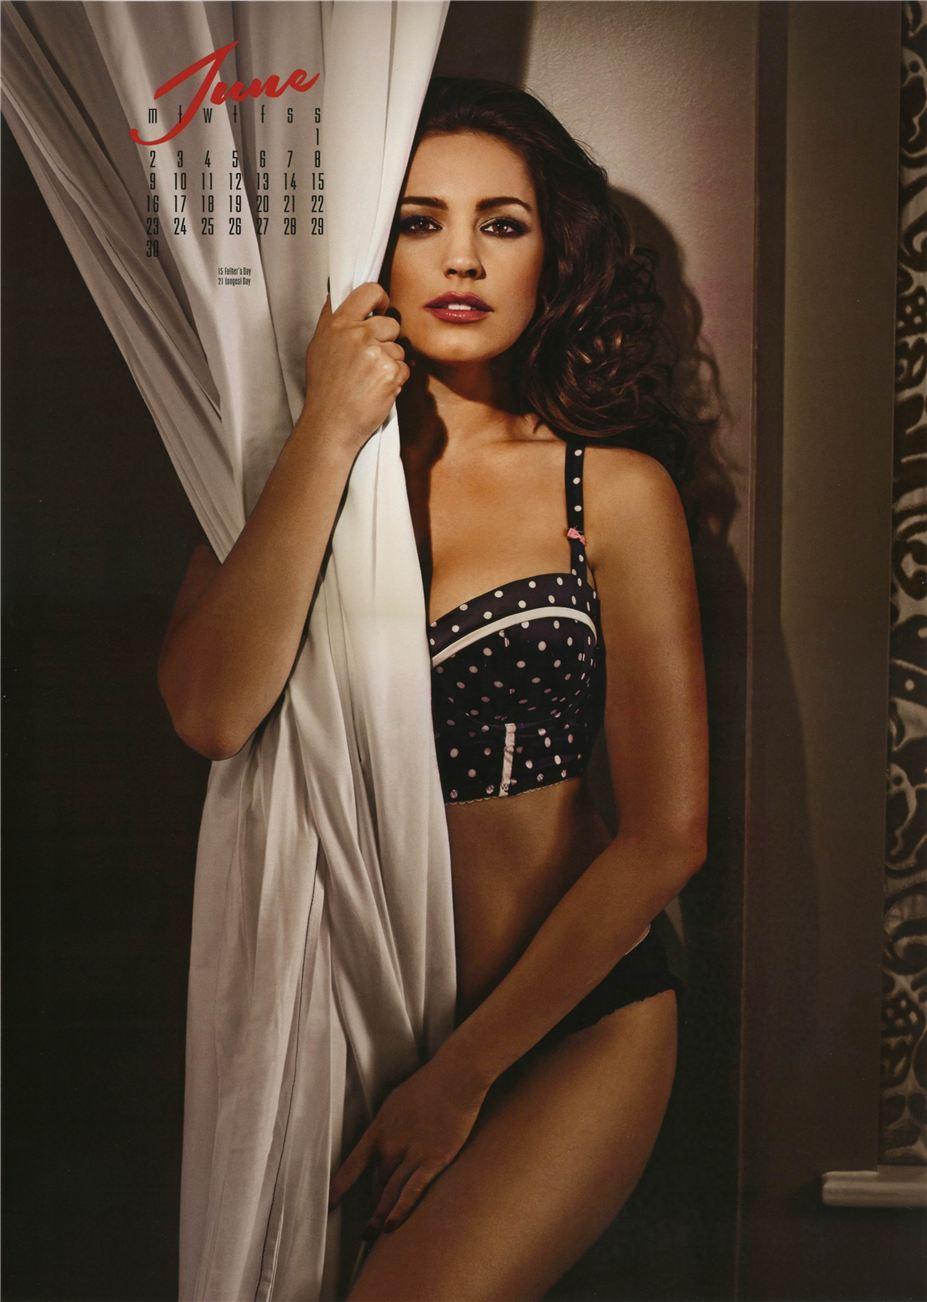 июнь - Календарь сексуальной красотки, актрисы и модели Келли Брук / Kelly Brook - official calendar 2014